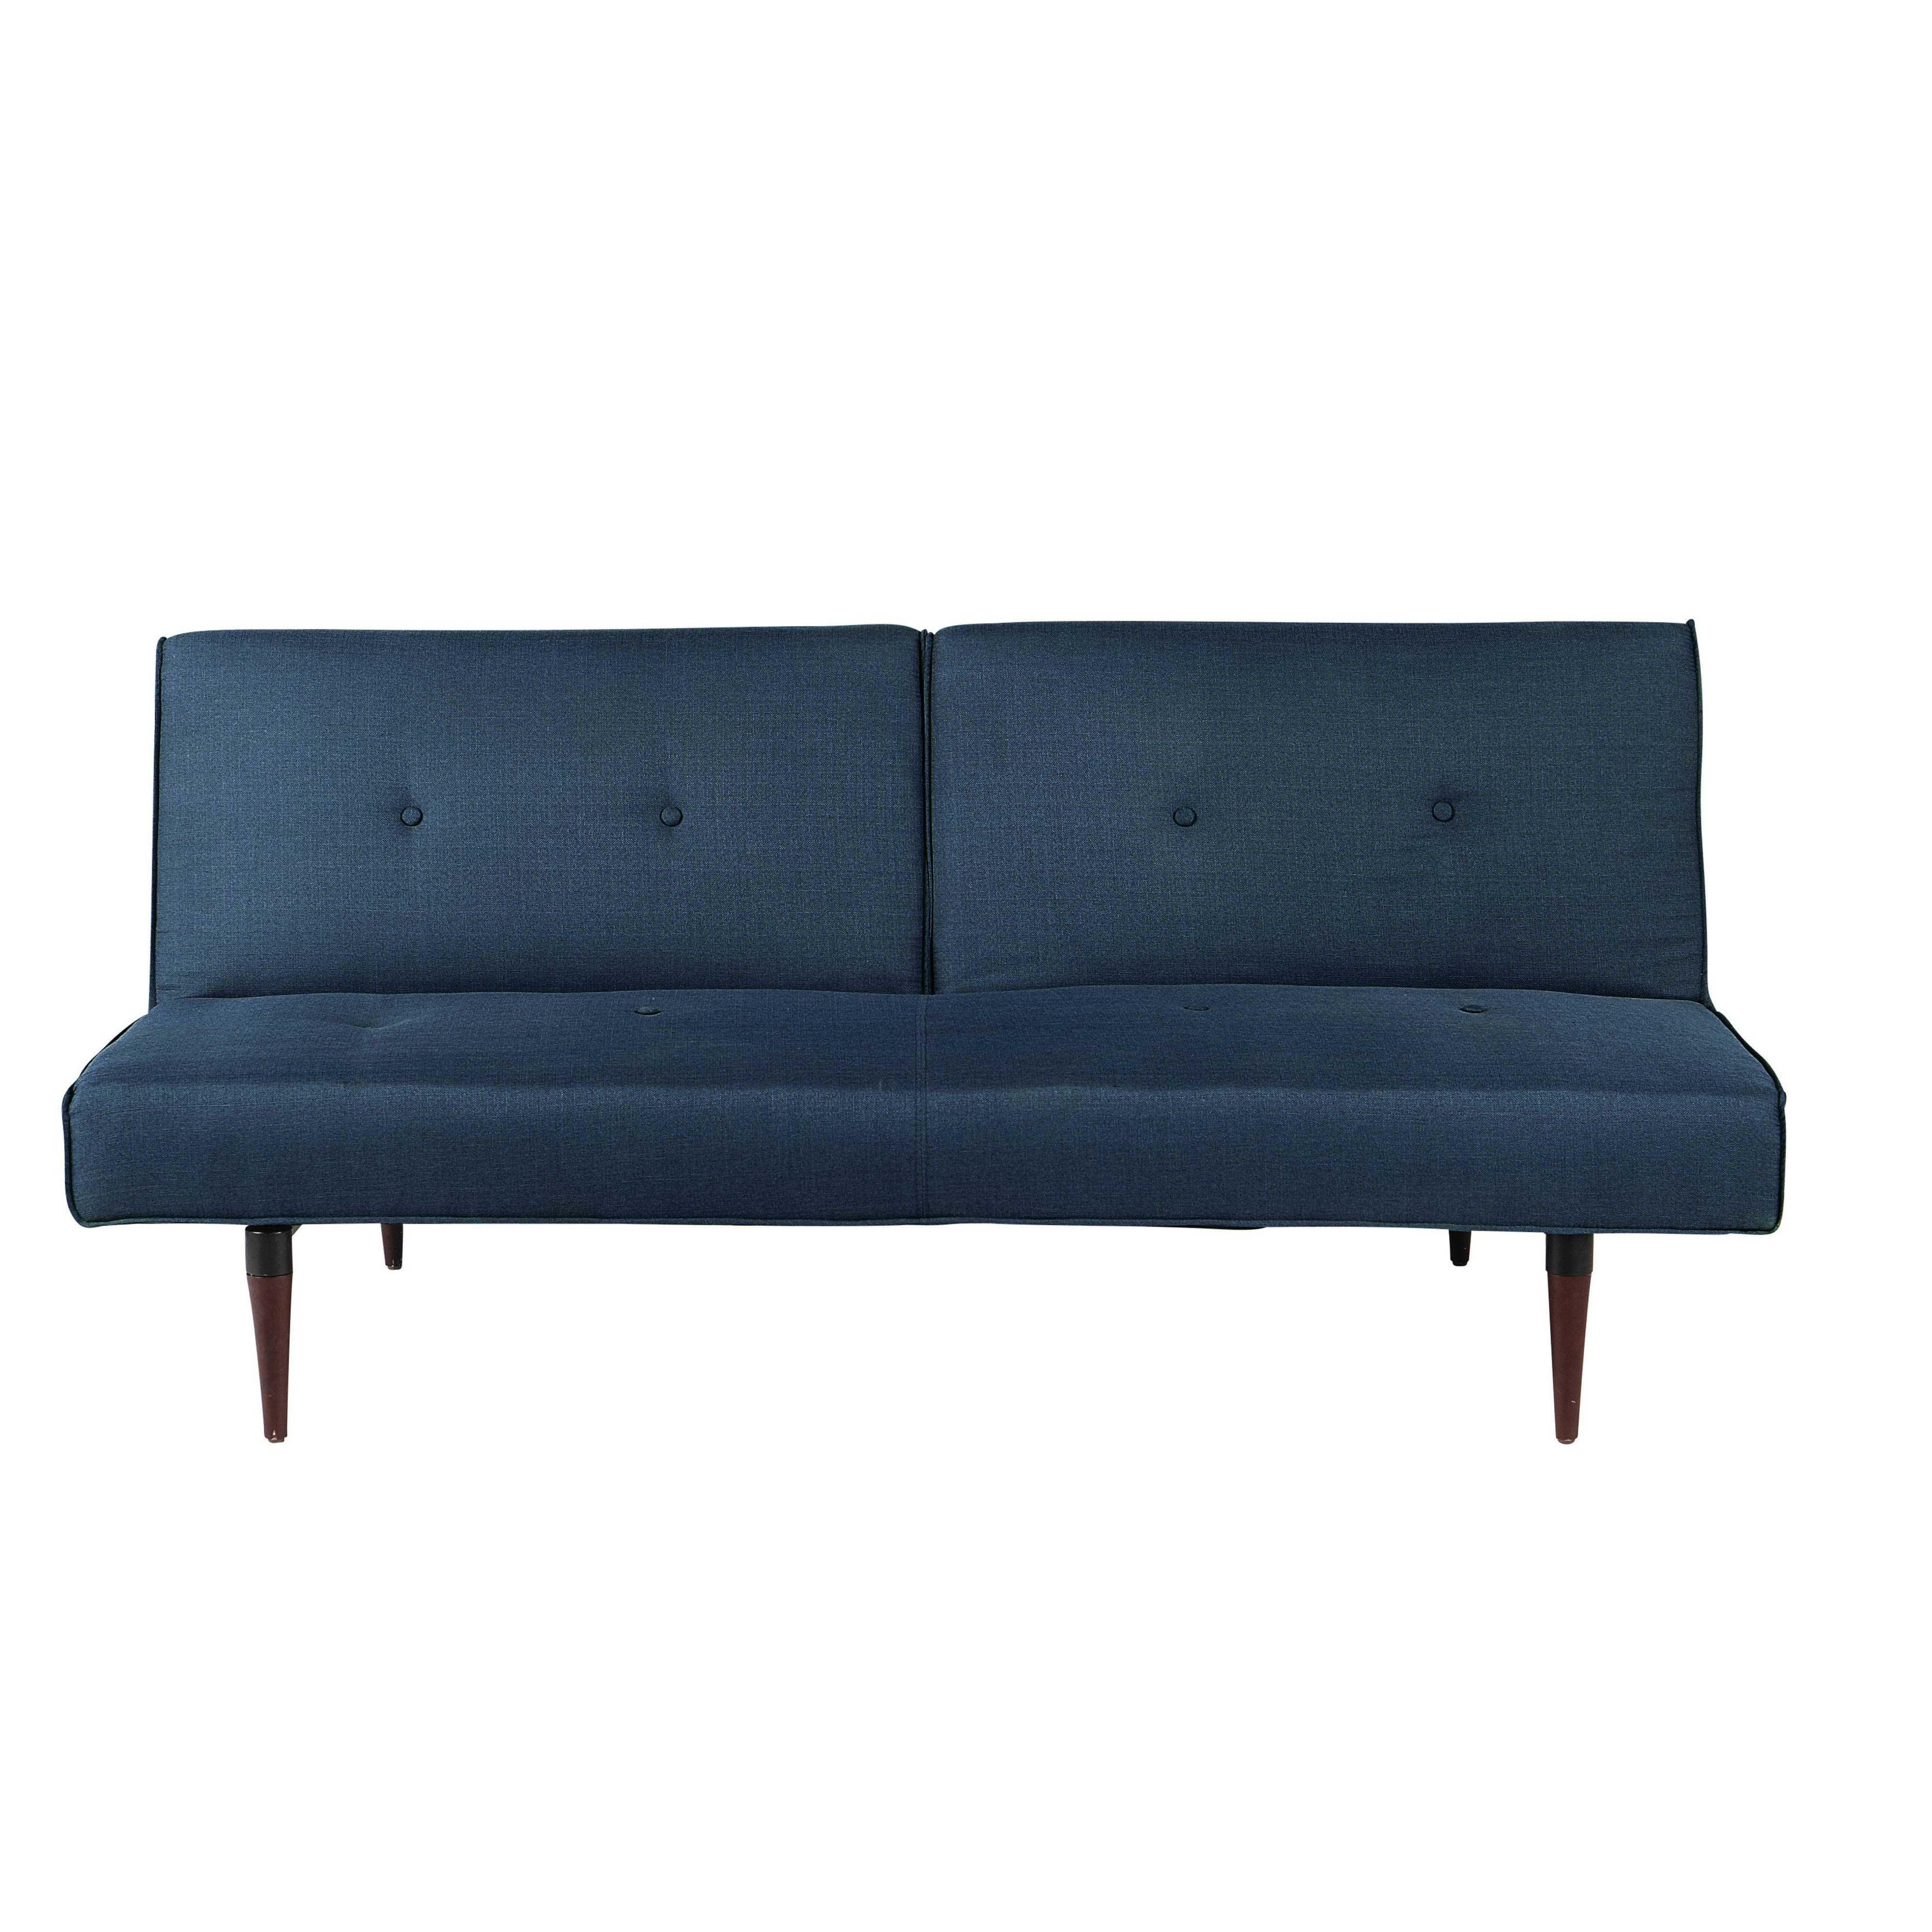 Sofa Convertible De 3 Plazas De Tela Azul Noche Trendy Tela Azul